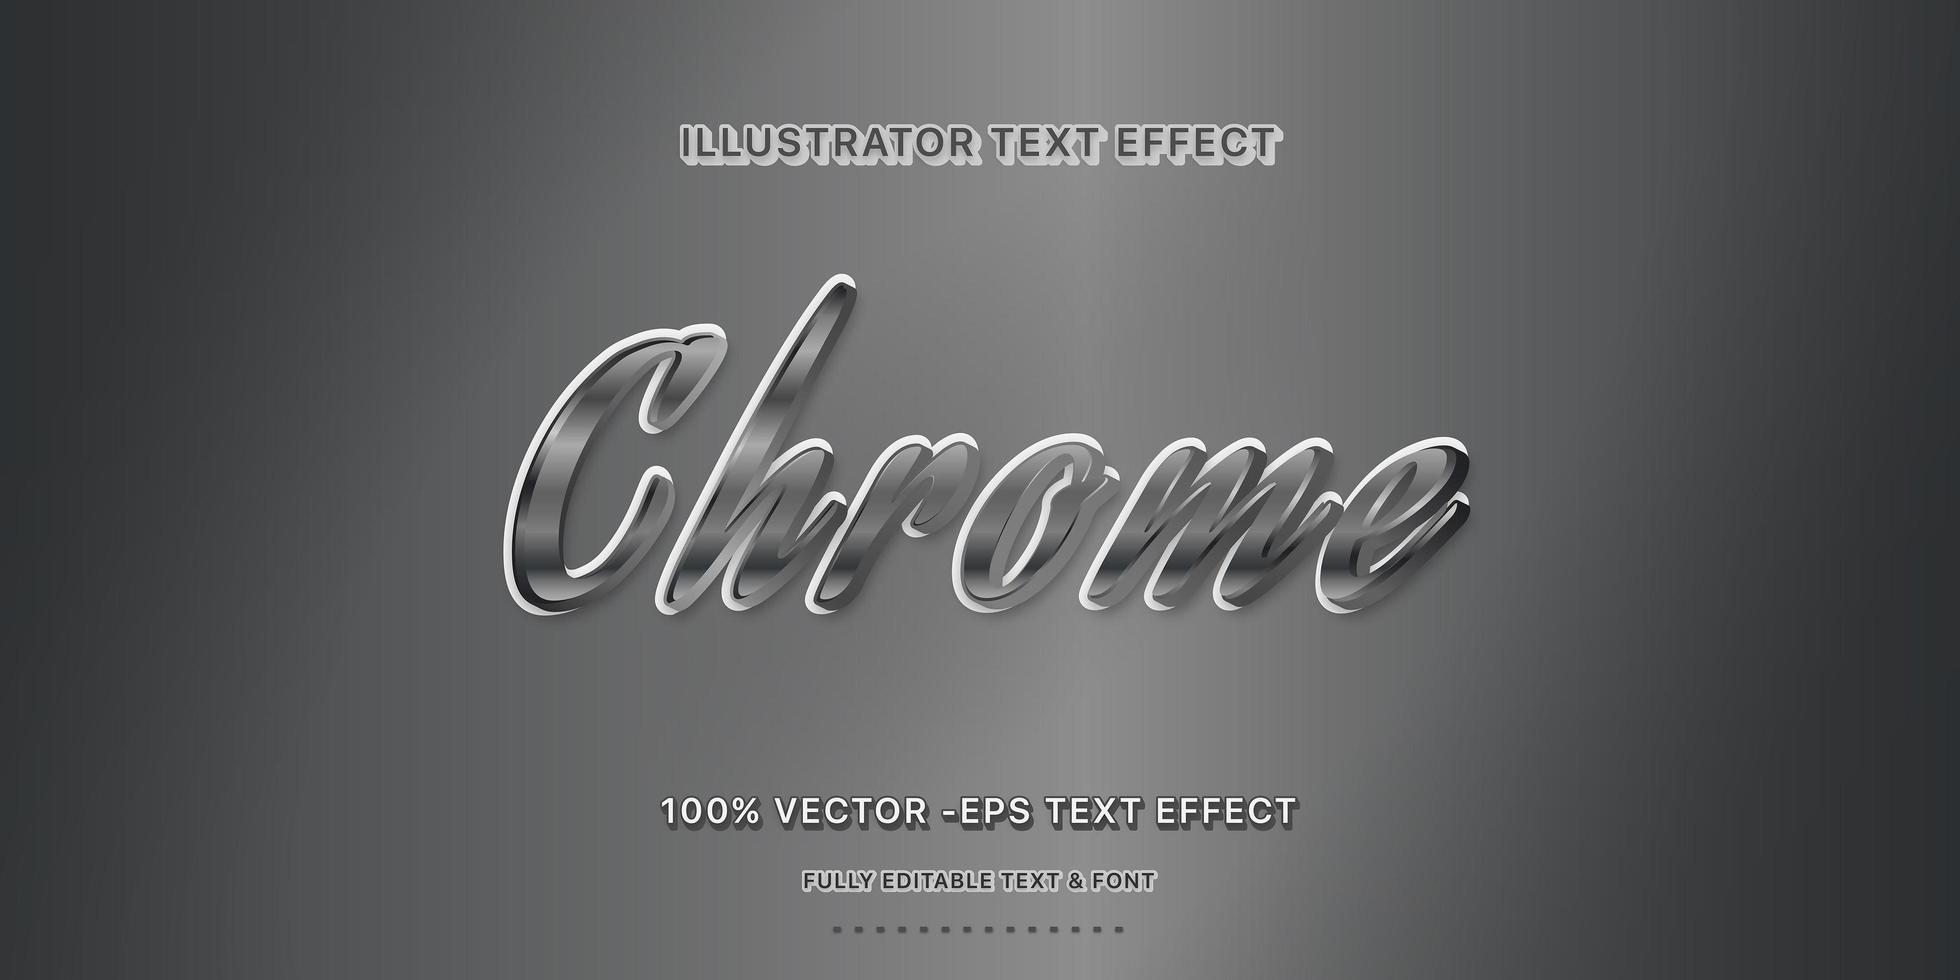 estilo de texto editável do chrome vetor